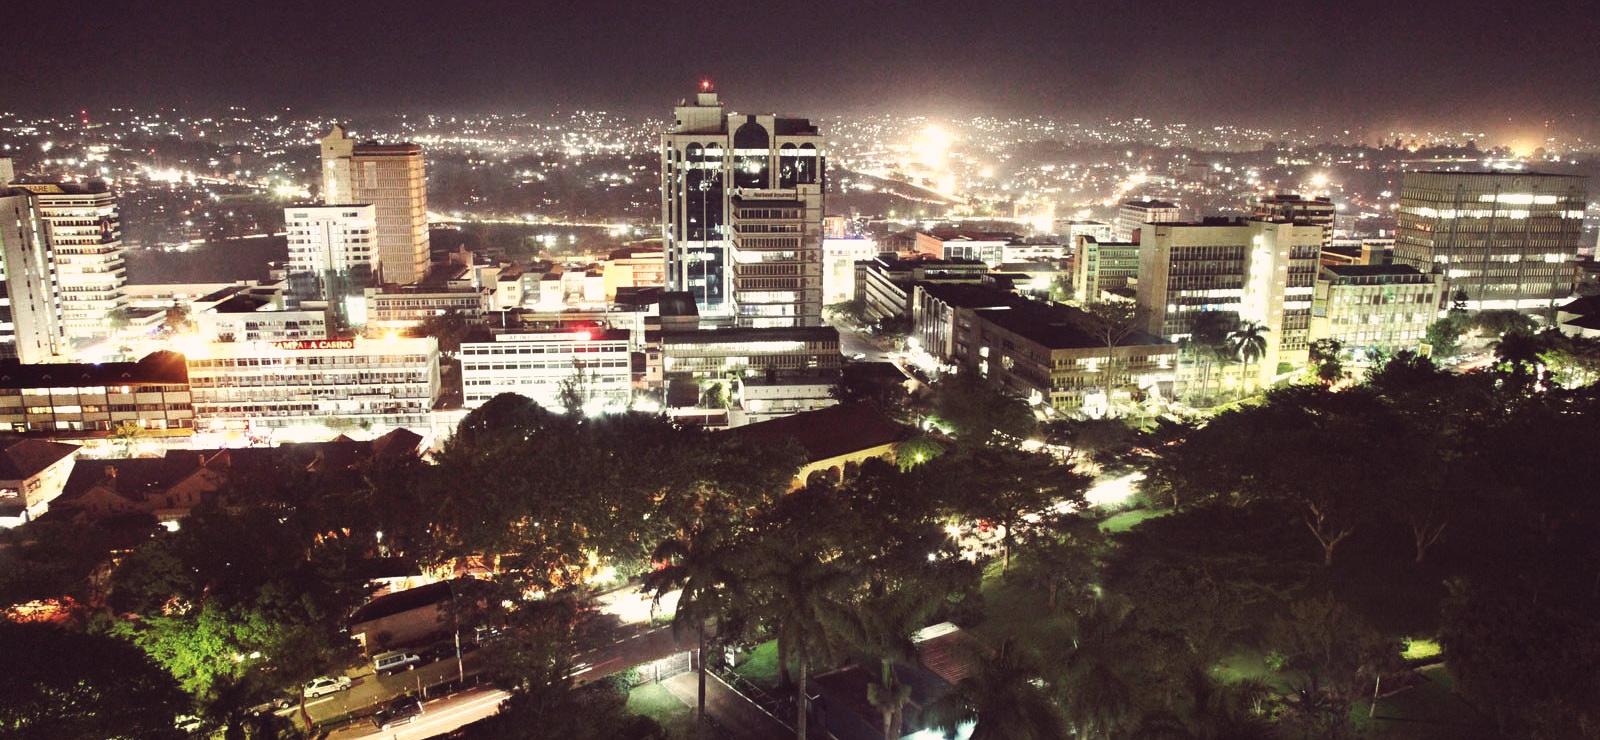 SheratonKampalaHotel-Citynightview.jpg